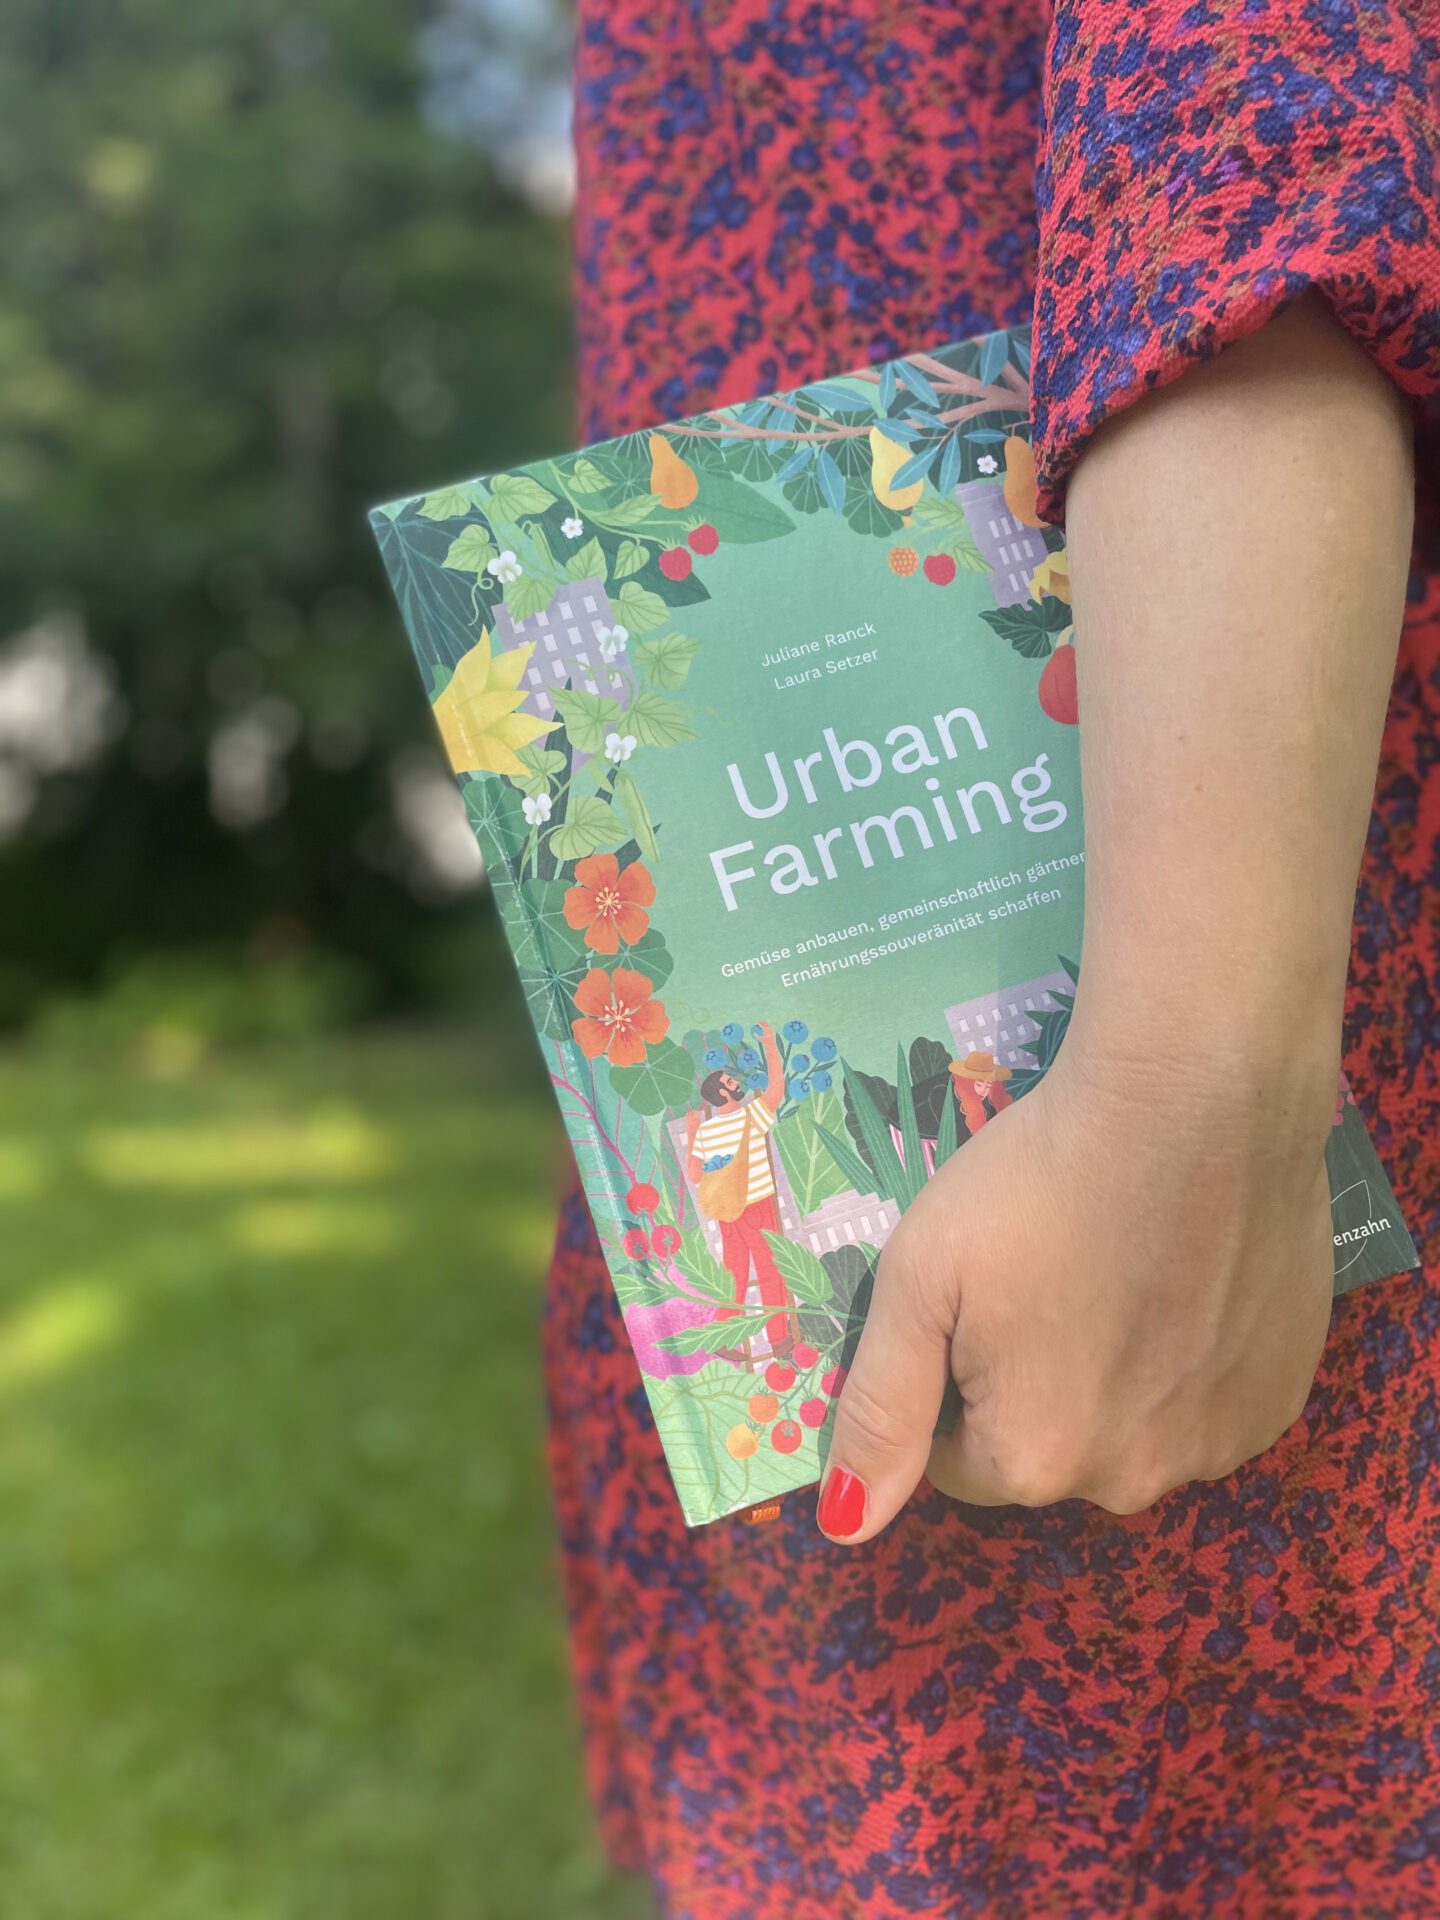 Eine Frau trägt das Buch Urban Farming im Arm.